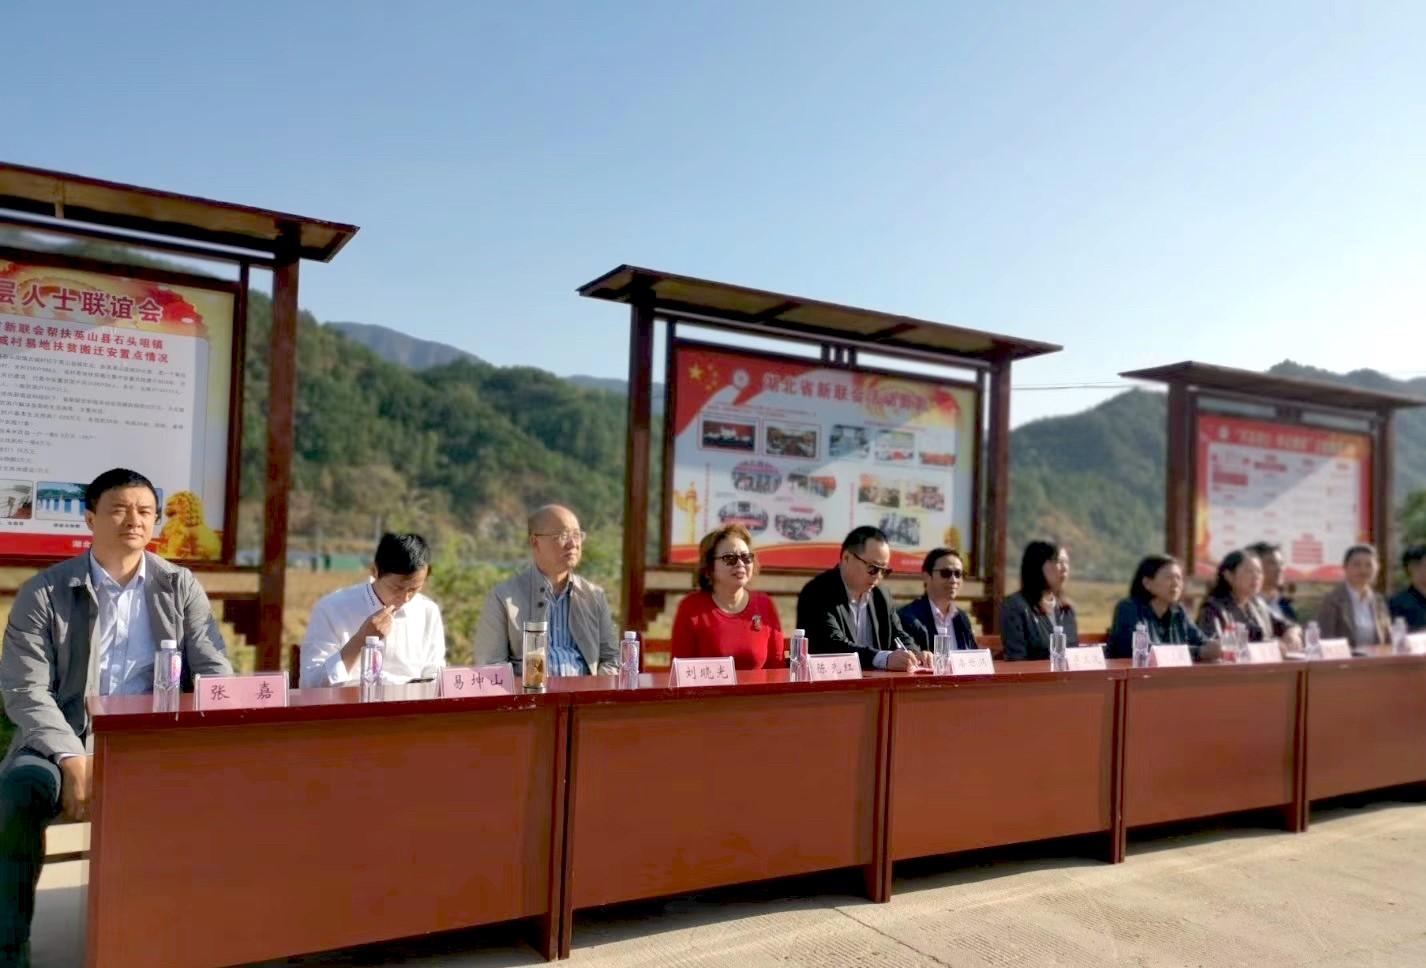 刘晓光董事长参加省新联会英山扶贫捐赠活动